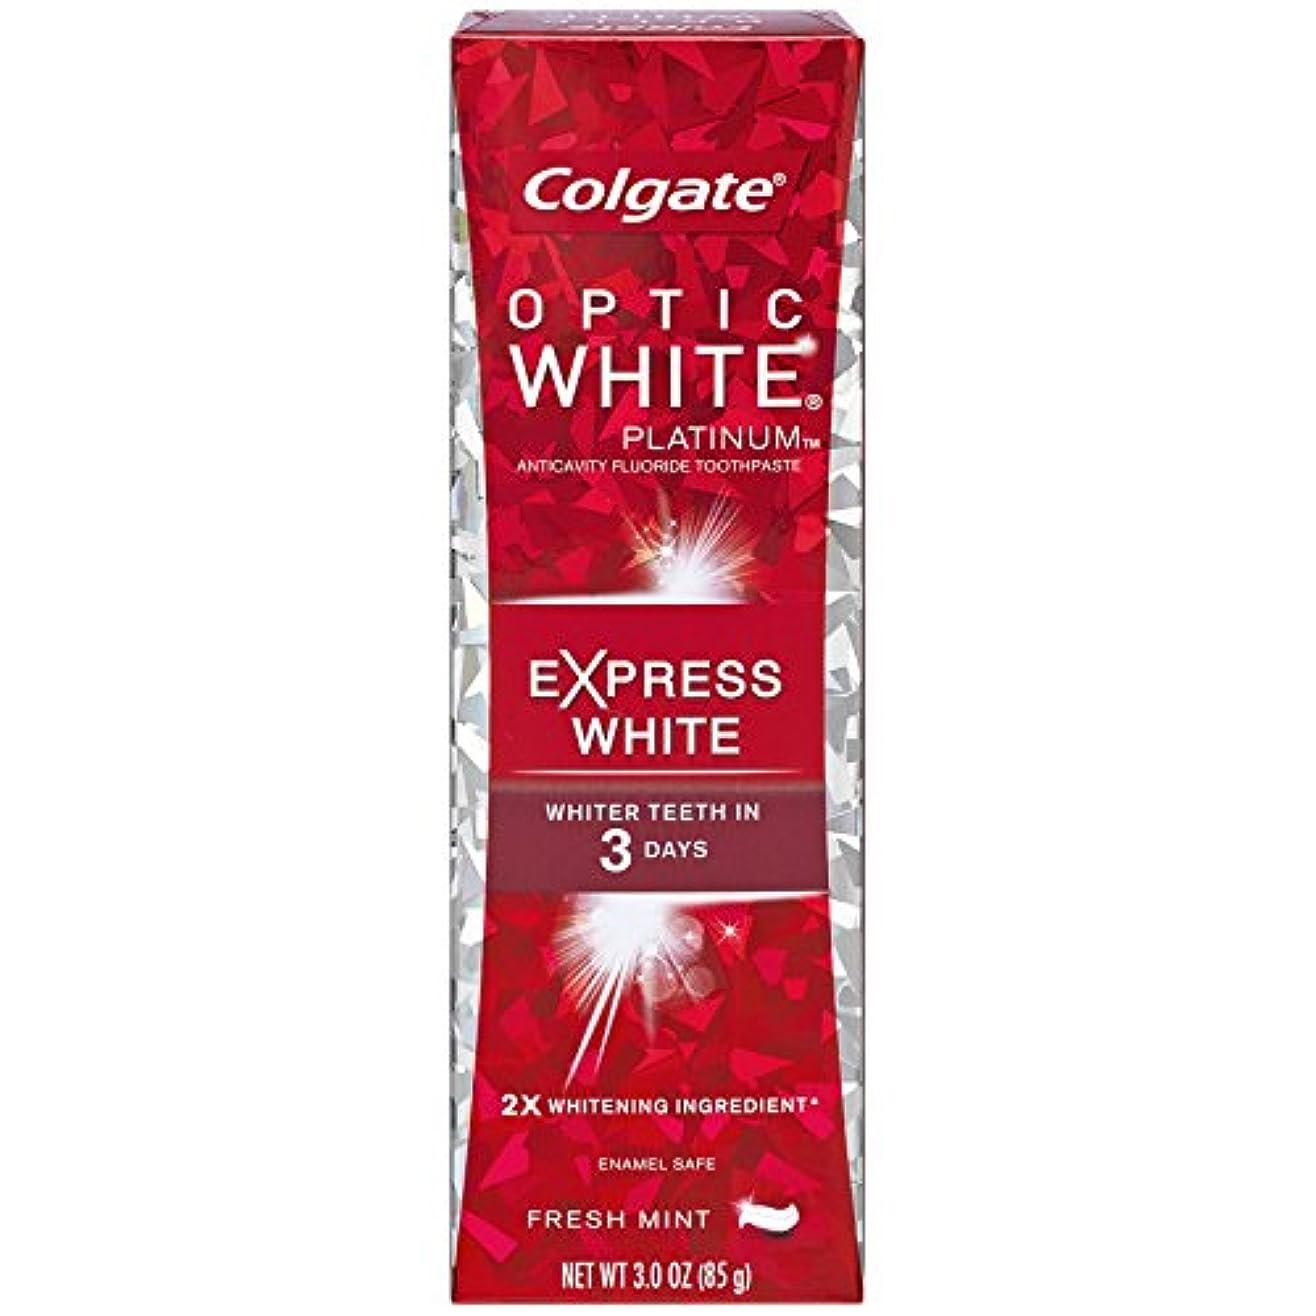 授業料ラフ睡眠第五コルゲート 歯みがき粉 オプティック ホワイト 3Days エクスプレス ホワイト